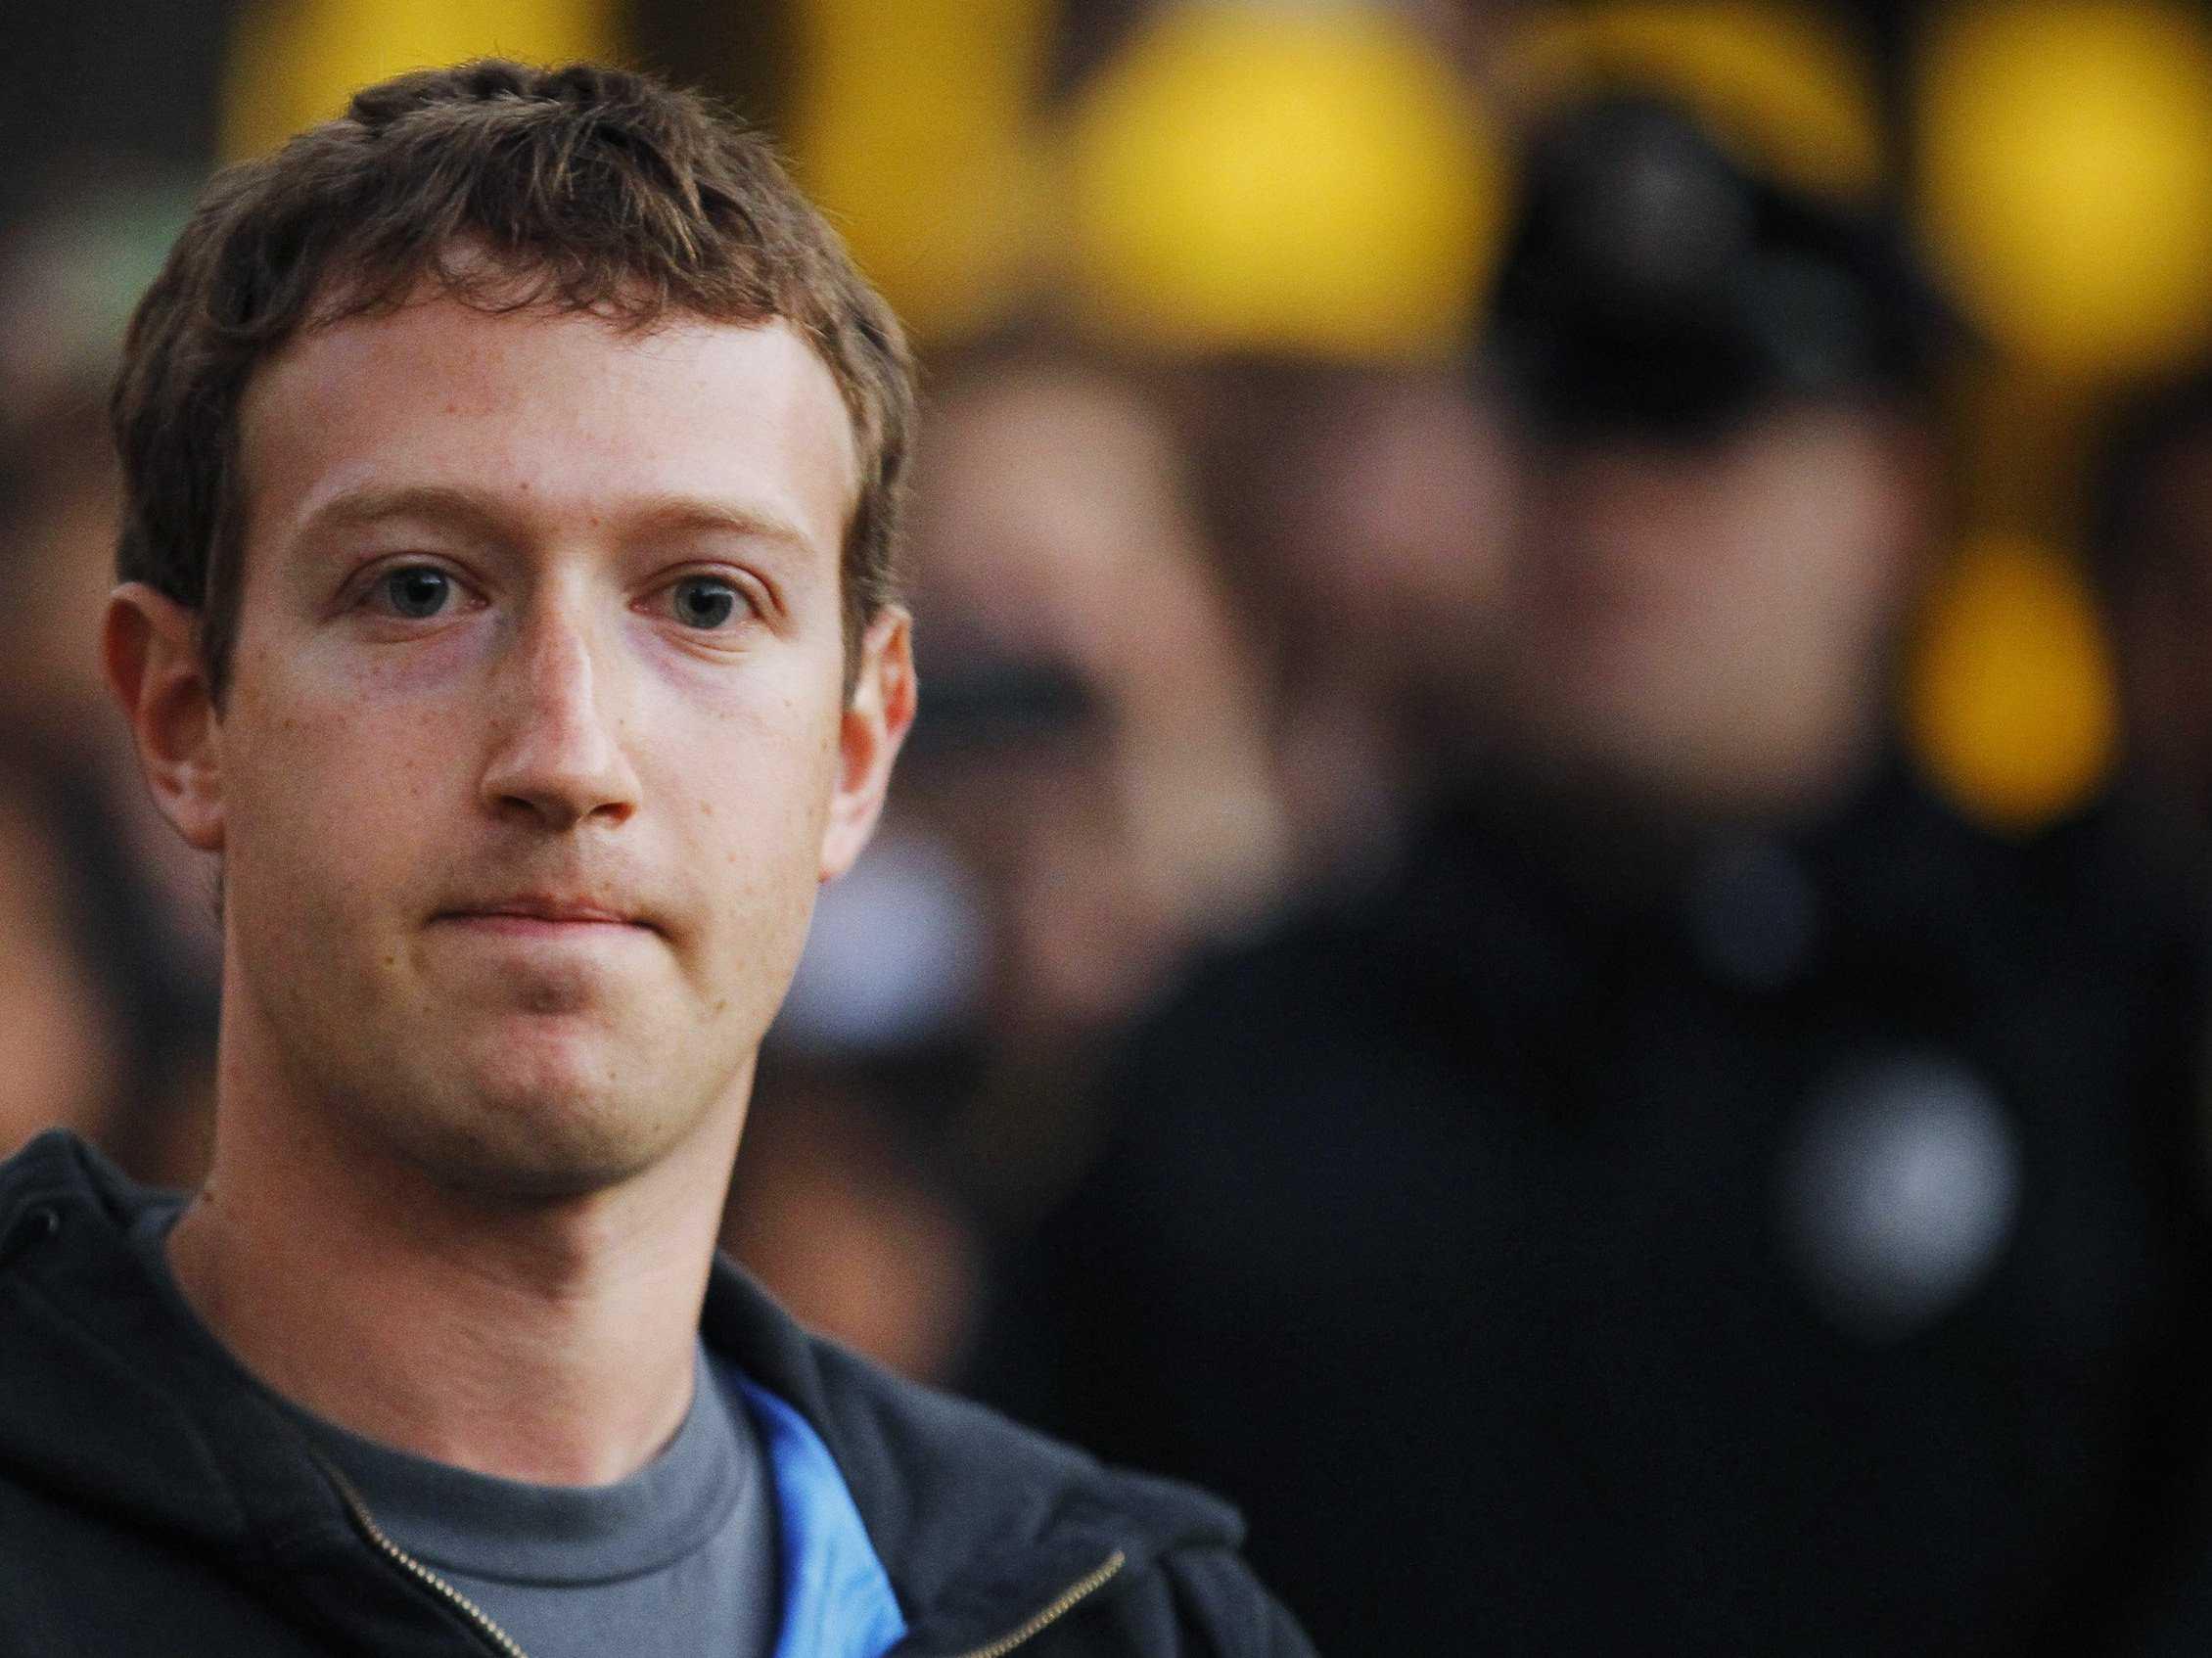 Іранський суд викликає Марка Цукерберга на судове засідання